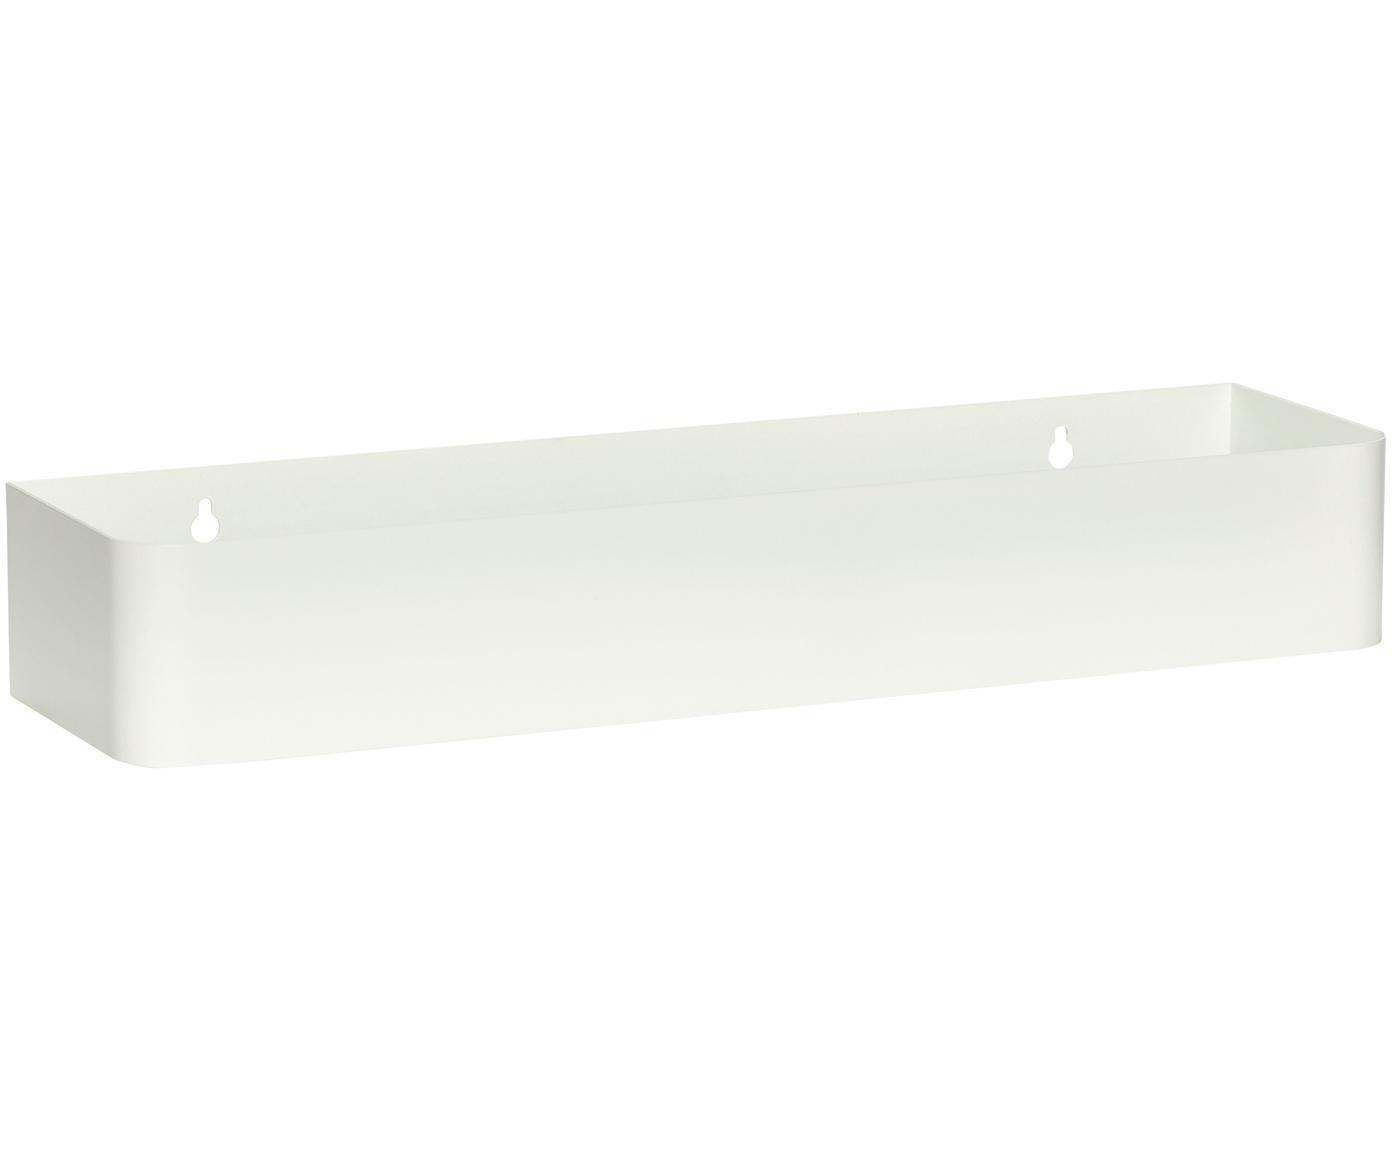 Estante de pared pequeño de metal Shelf, Metal, recubierto, Blanco, An 45 x Al 7 cm